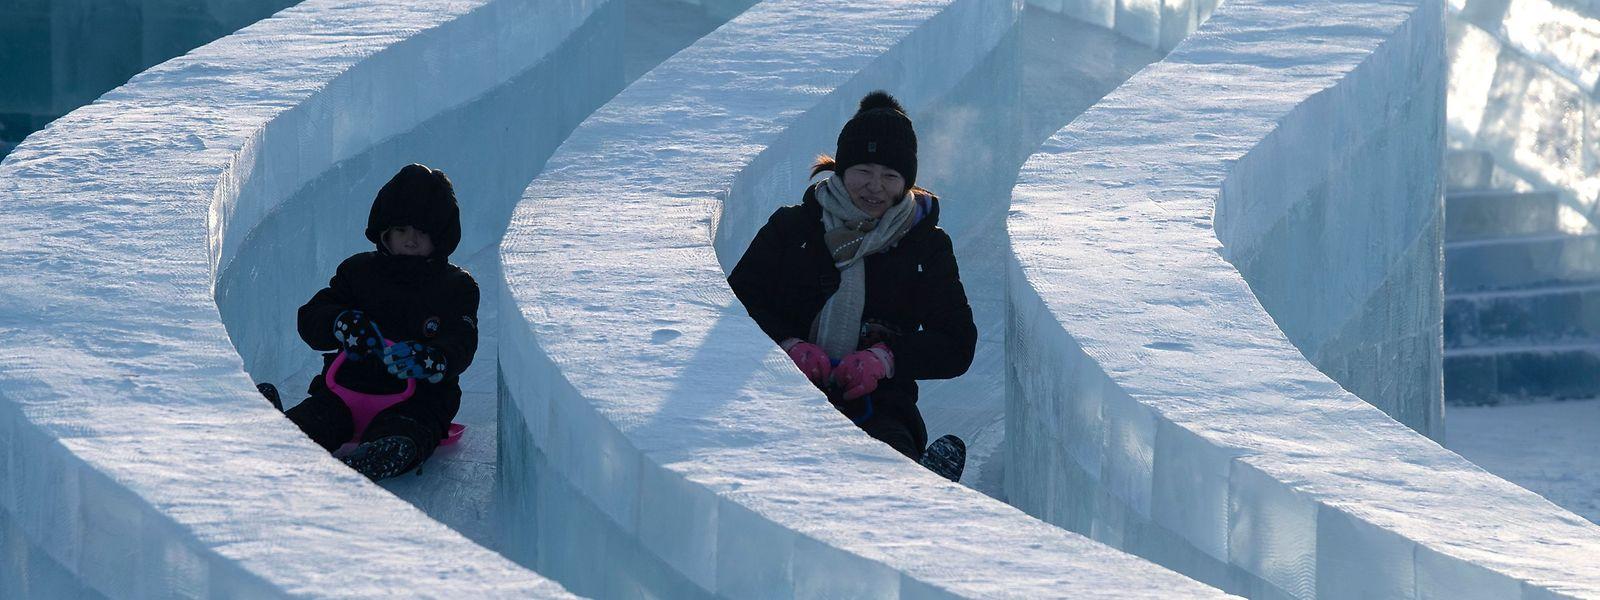 L'art de tailler la glace sait se faire ludique quand il le faut.